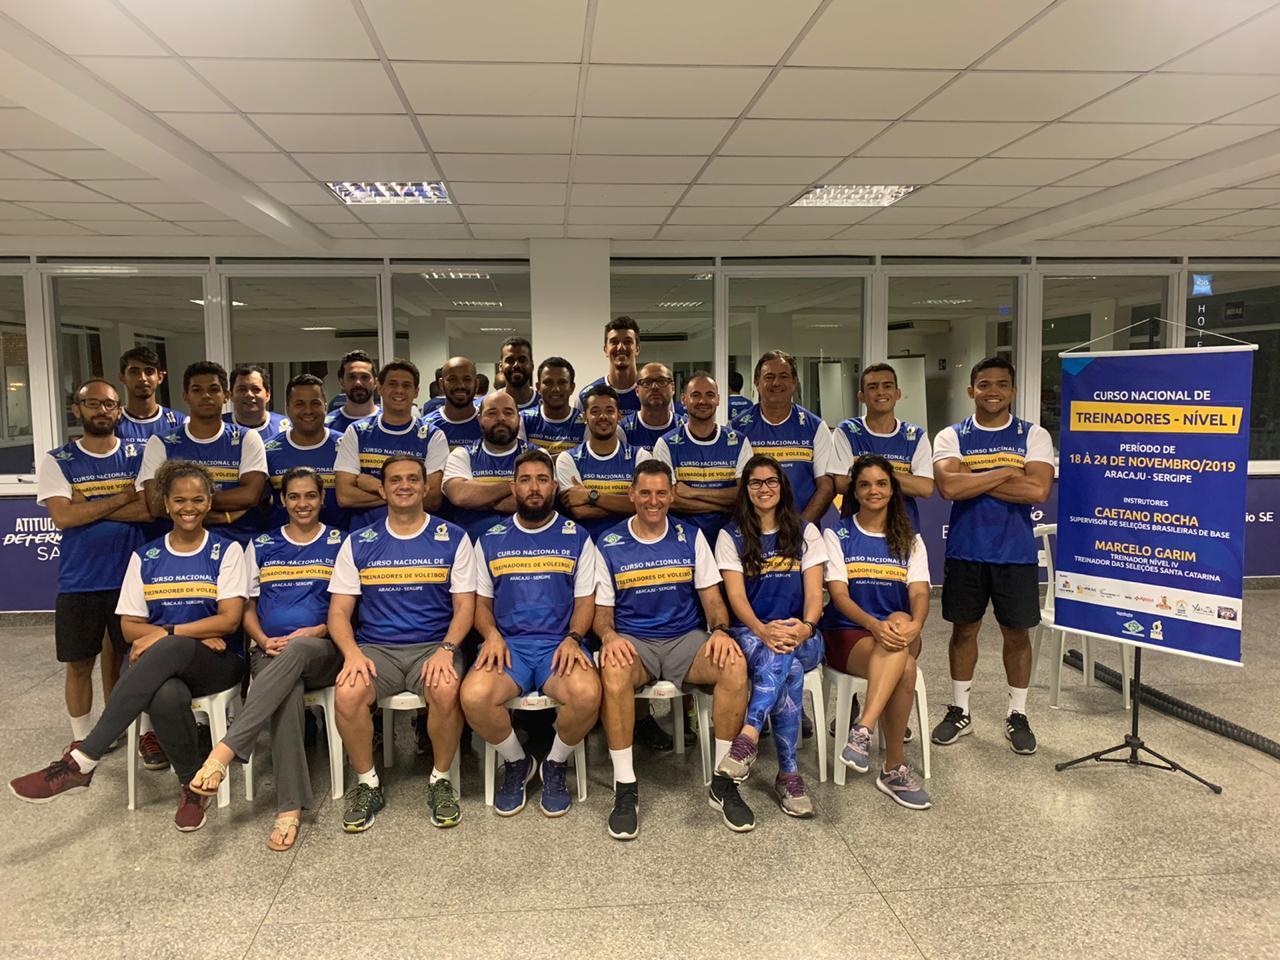 Curso Nacional de Treinadores reúne 24 alunos em Aracaju